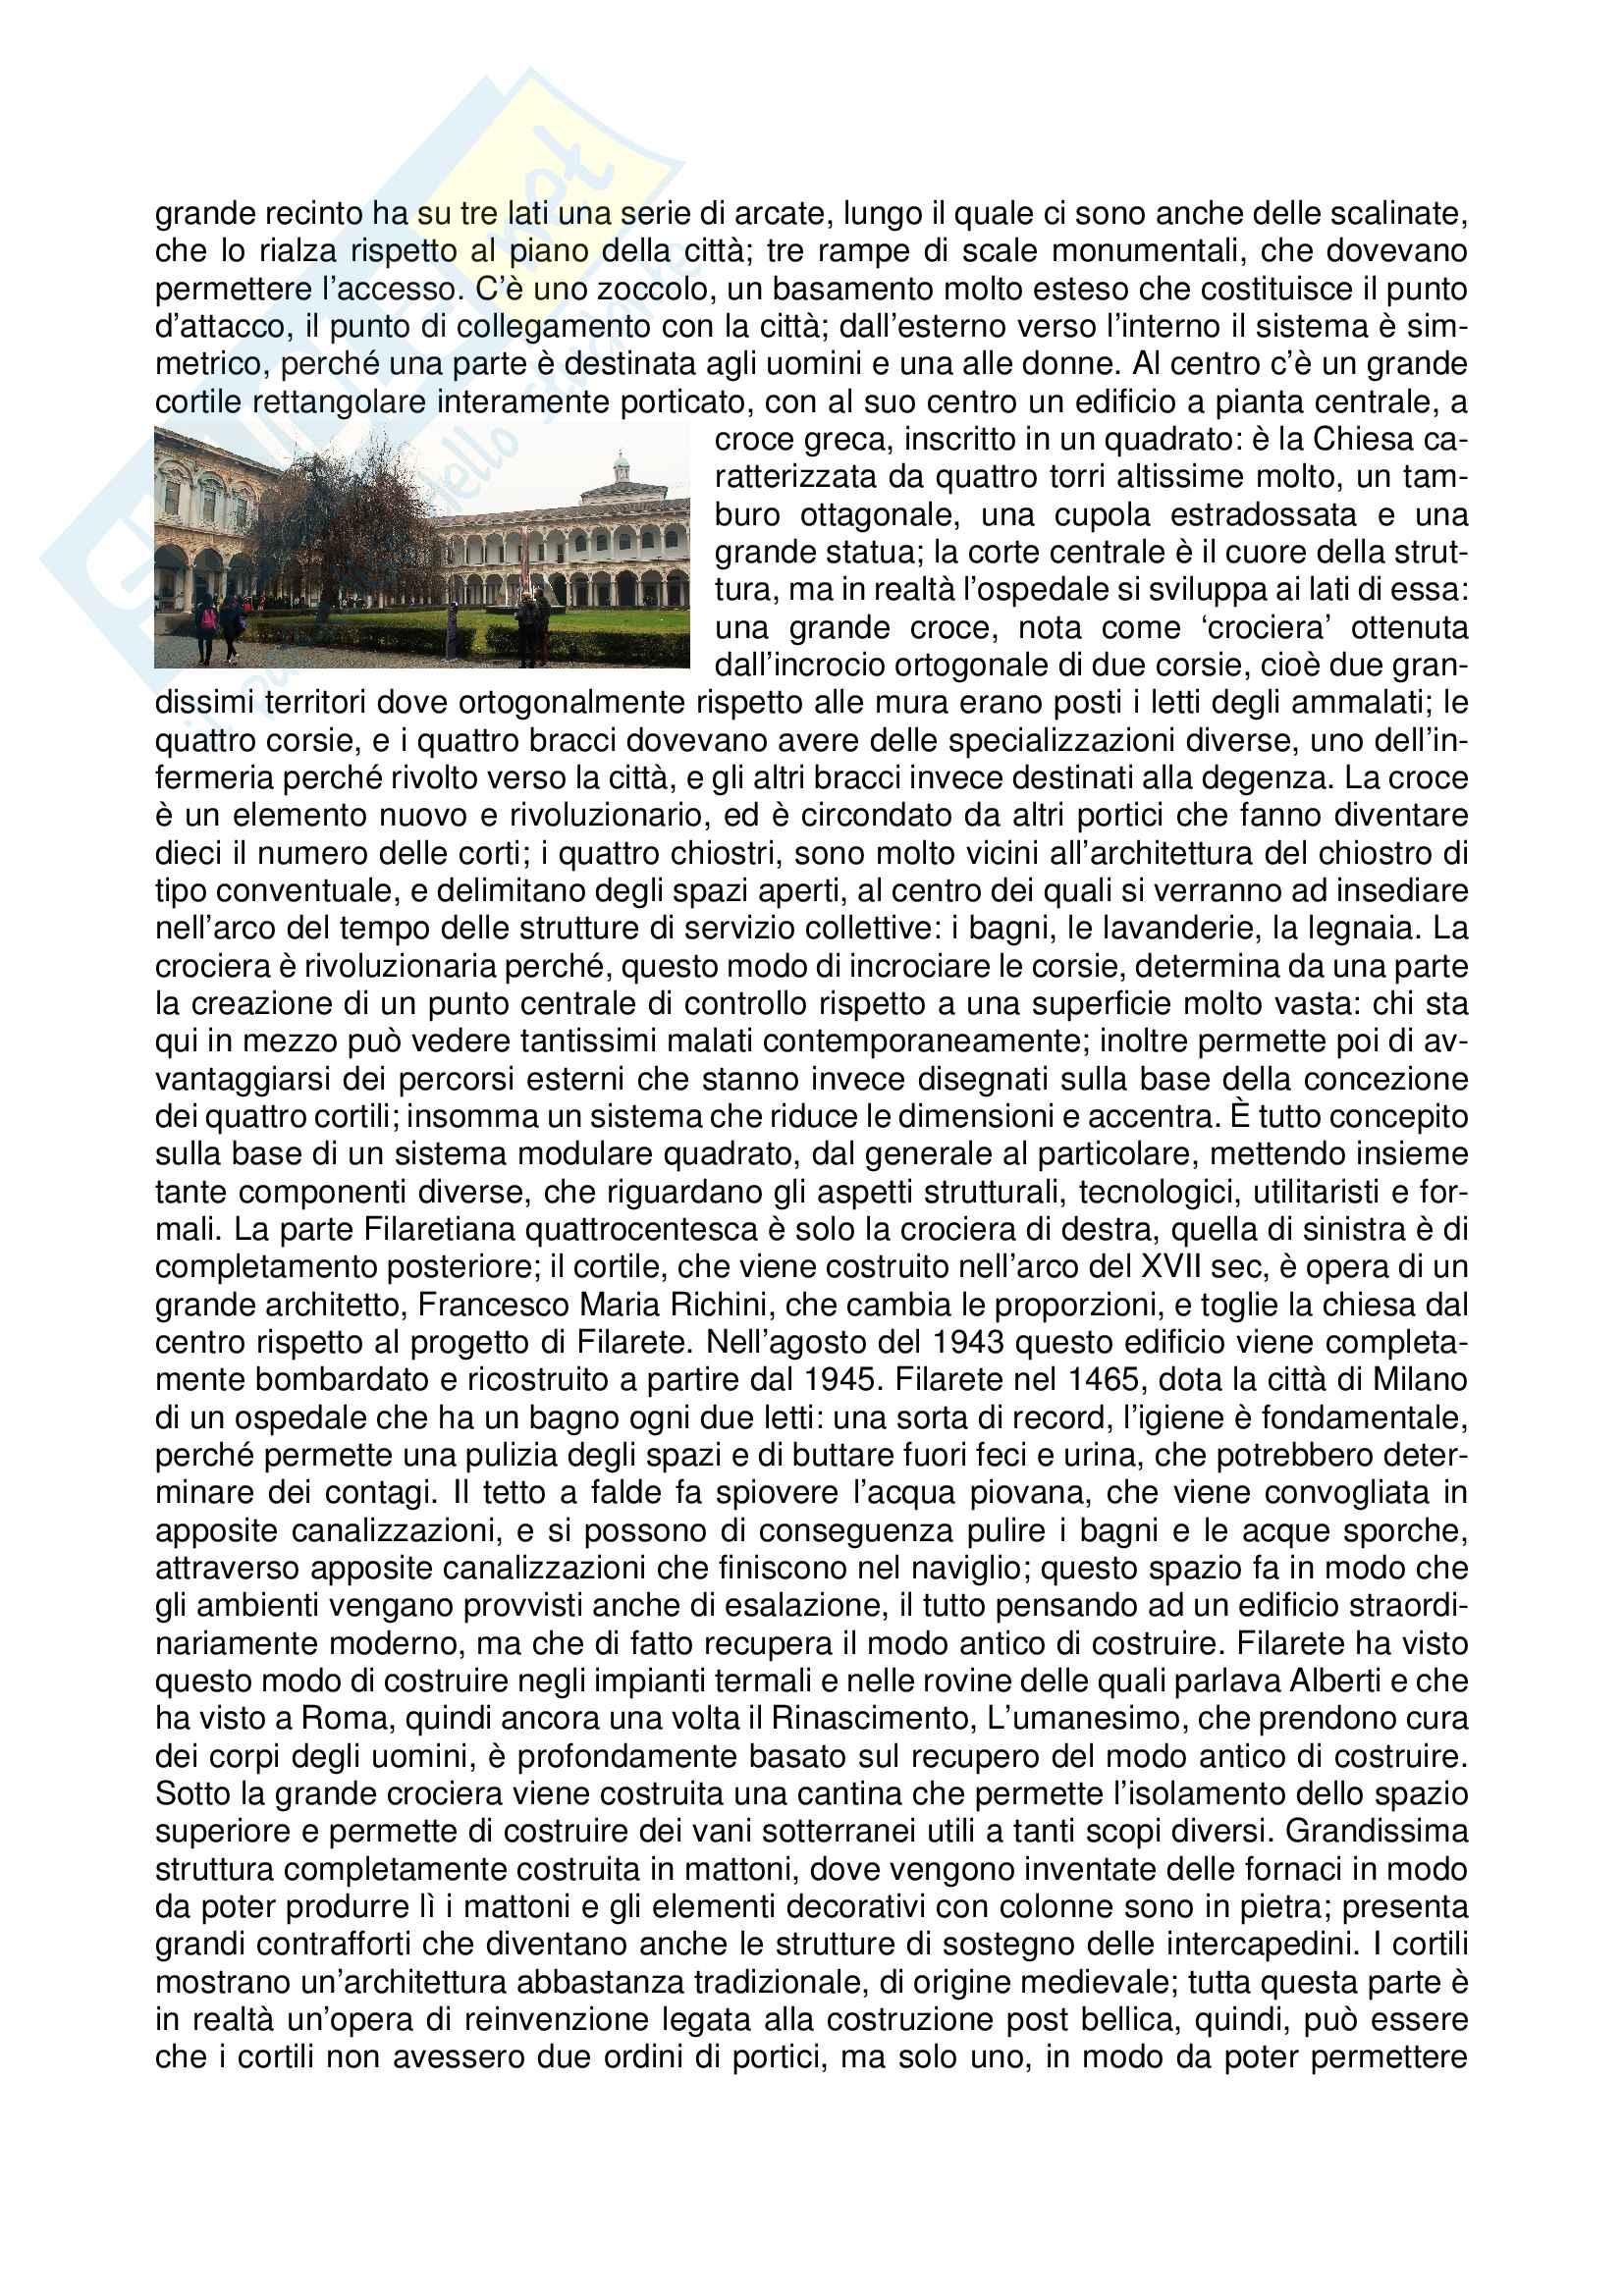 Storia dell'architettura 1 Pag. 61